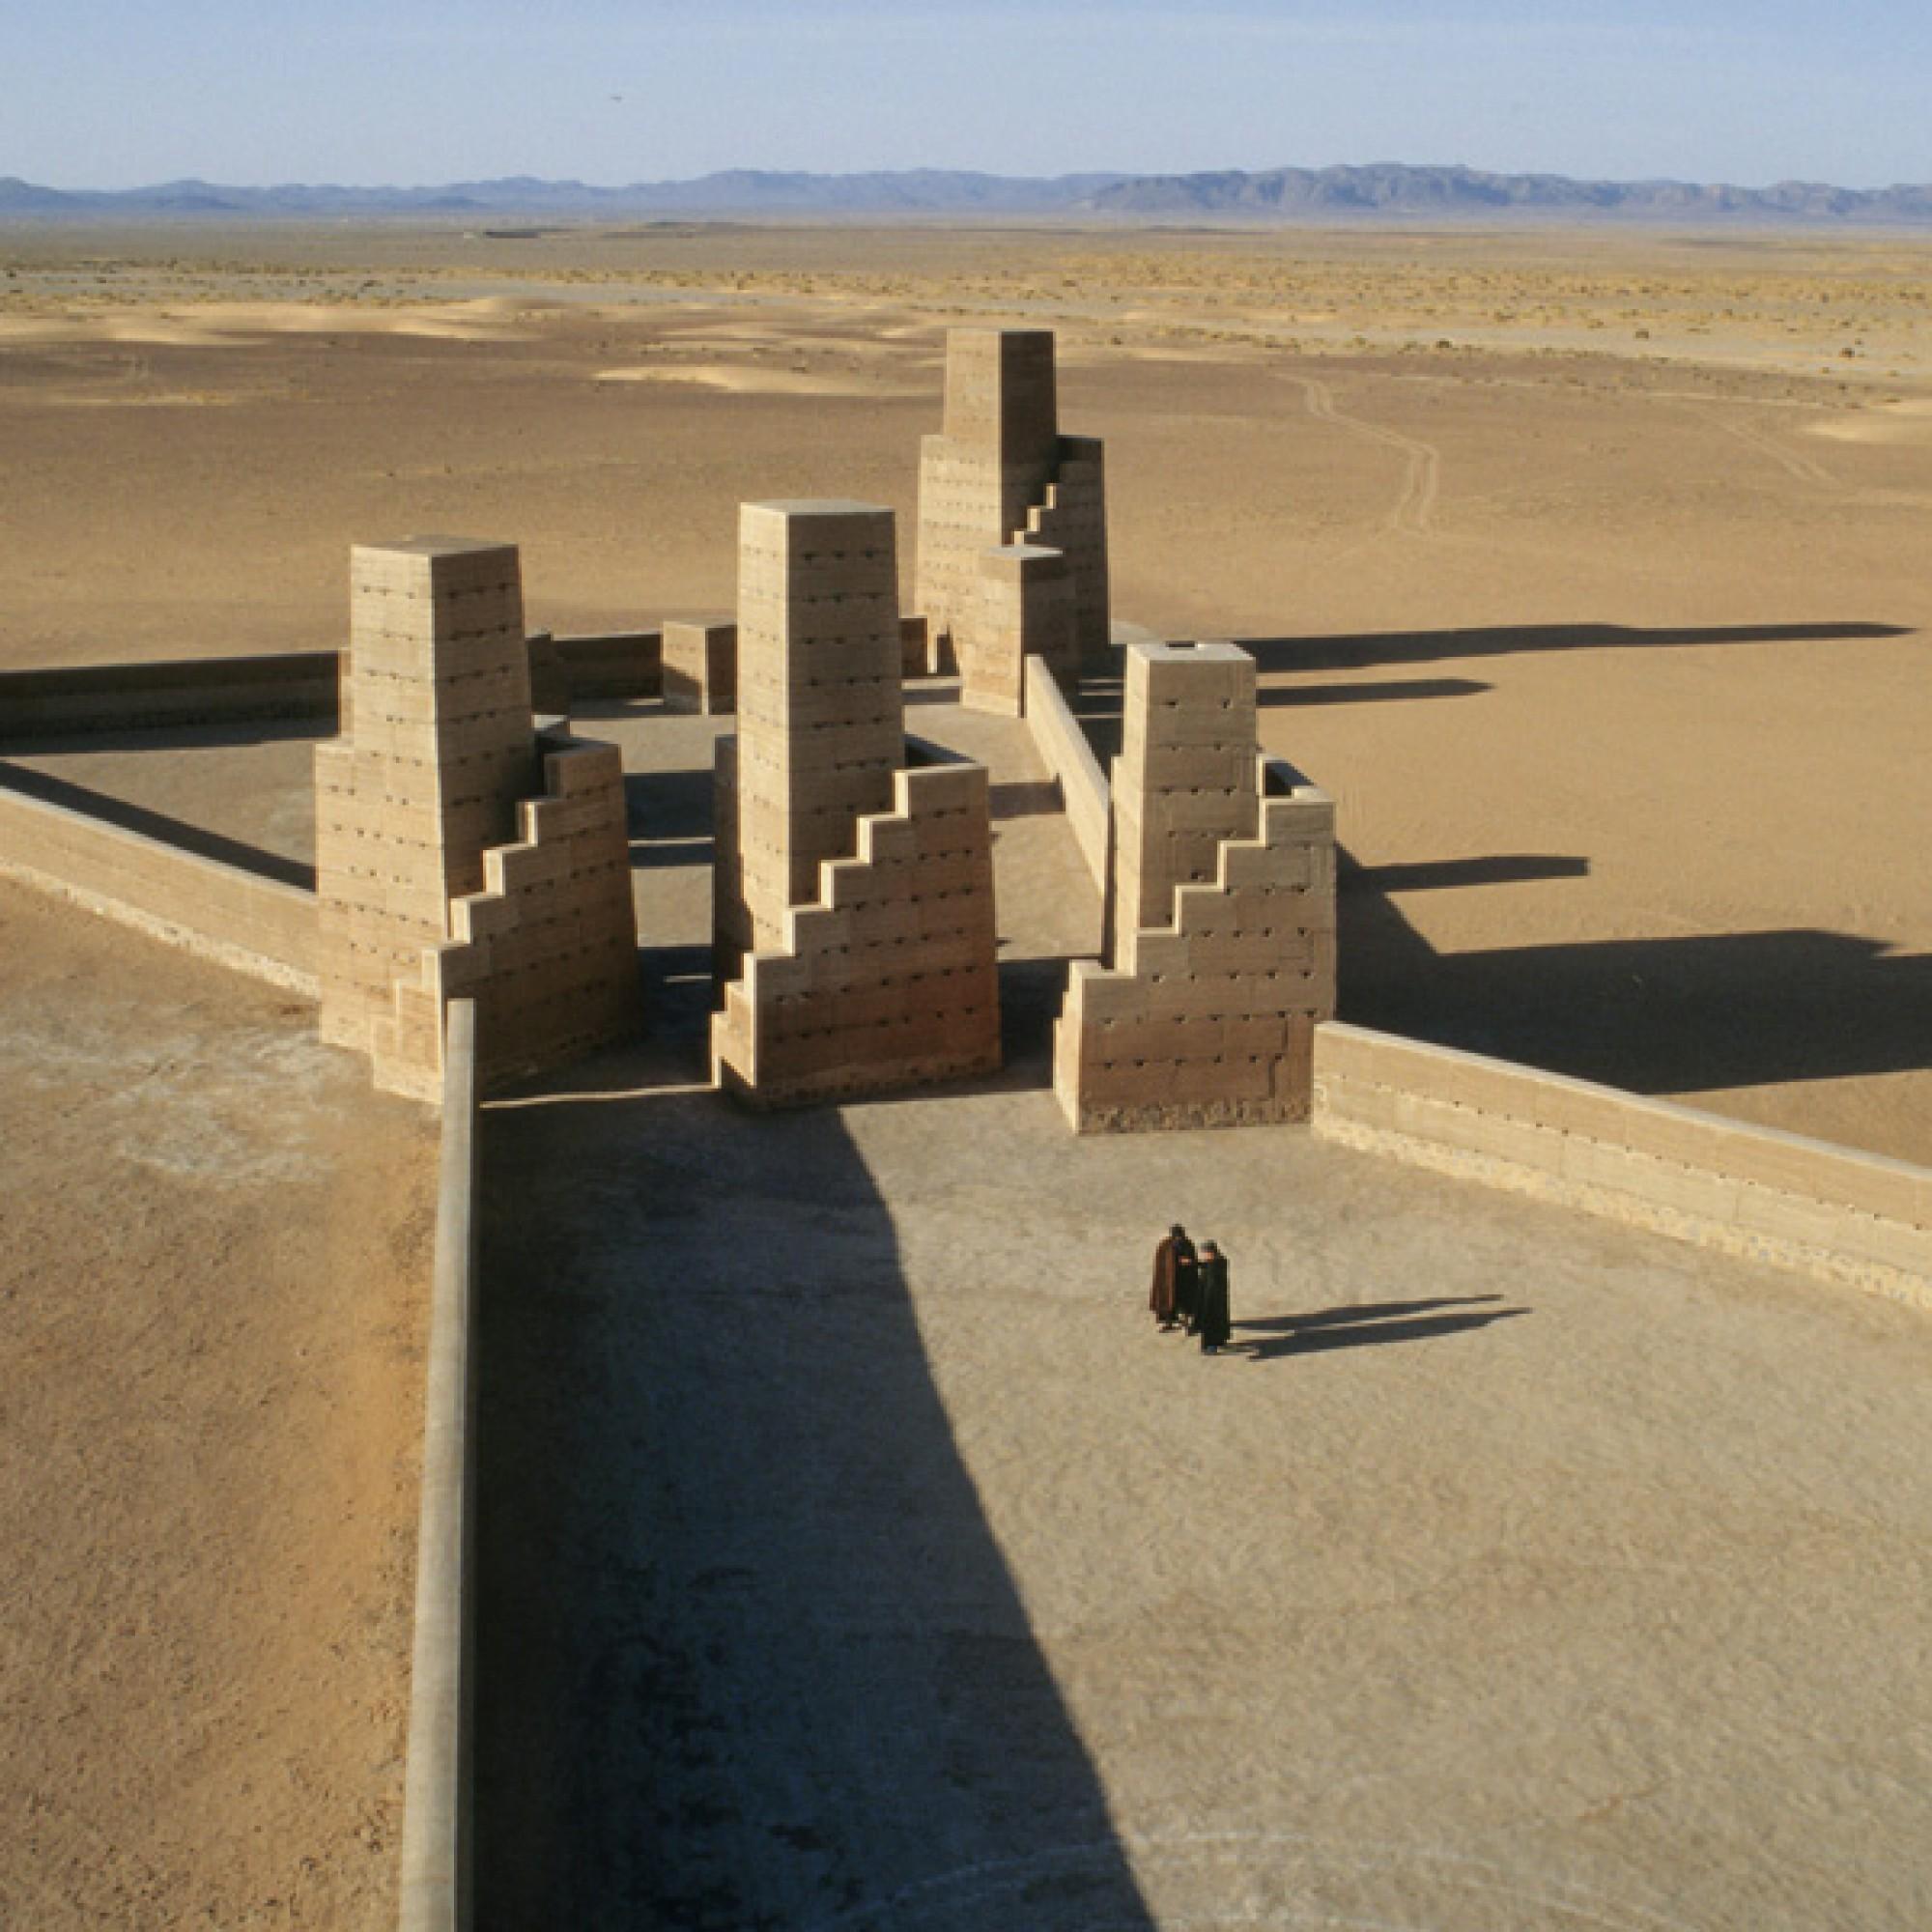 Himmelstreppe in Marokko. (Bilder zvg)